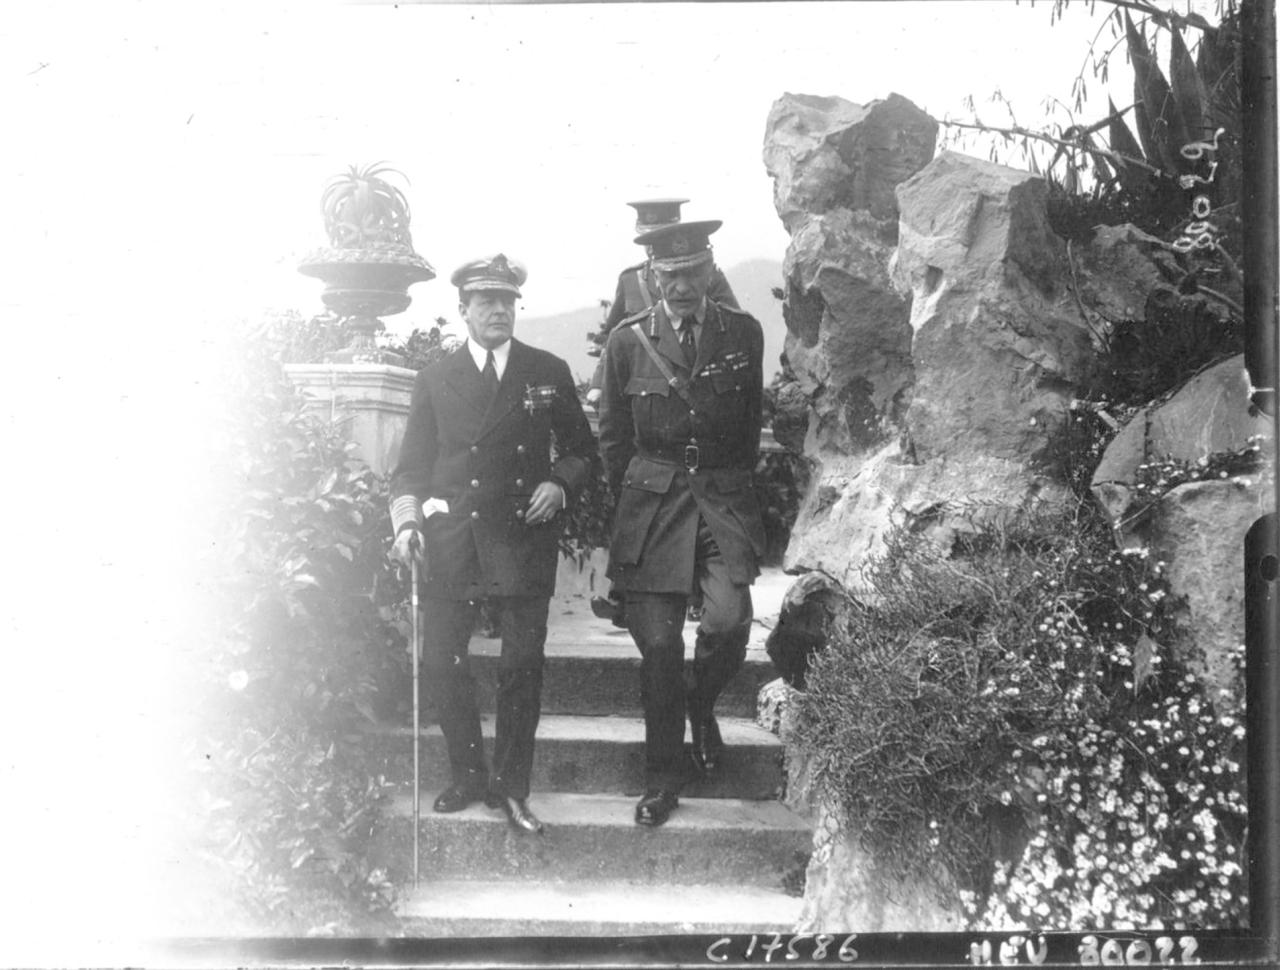 Дэвид Битти, 1-й граф Битти, Первый лорд Адмиралтейства  и генерал Уилсон